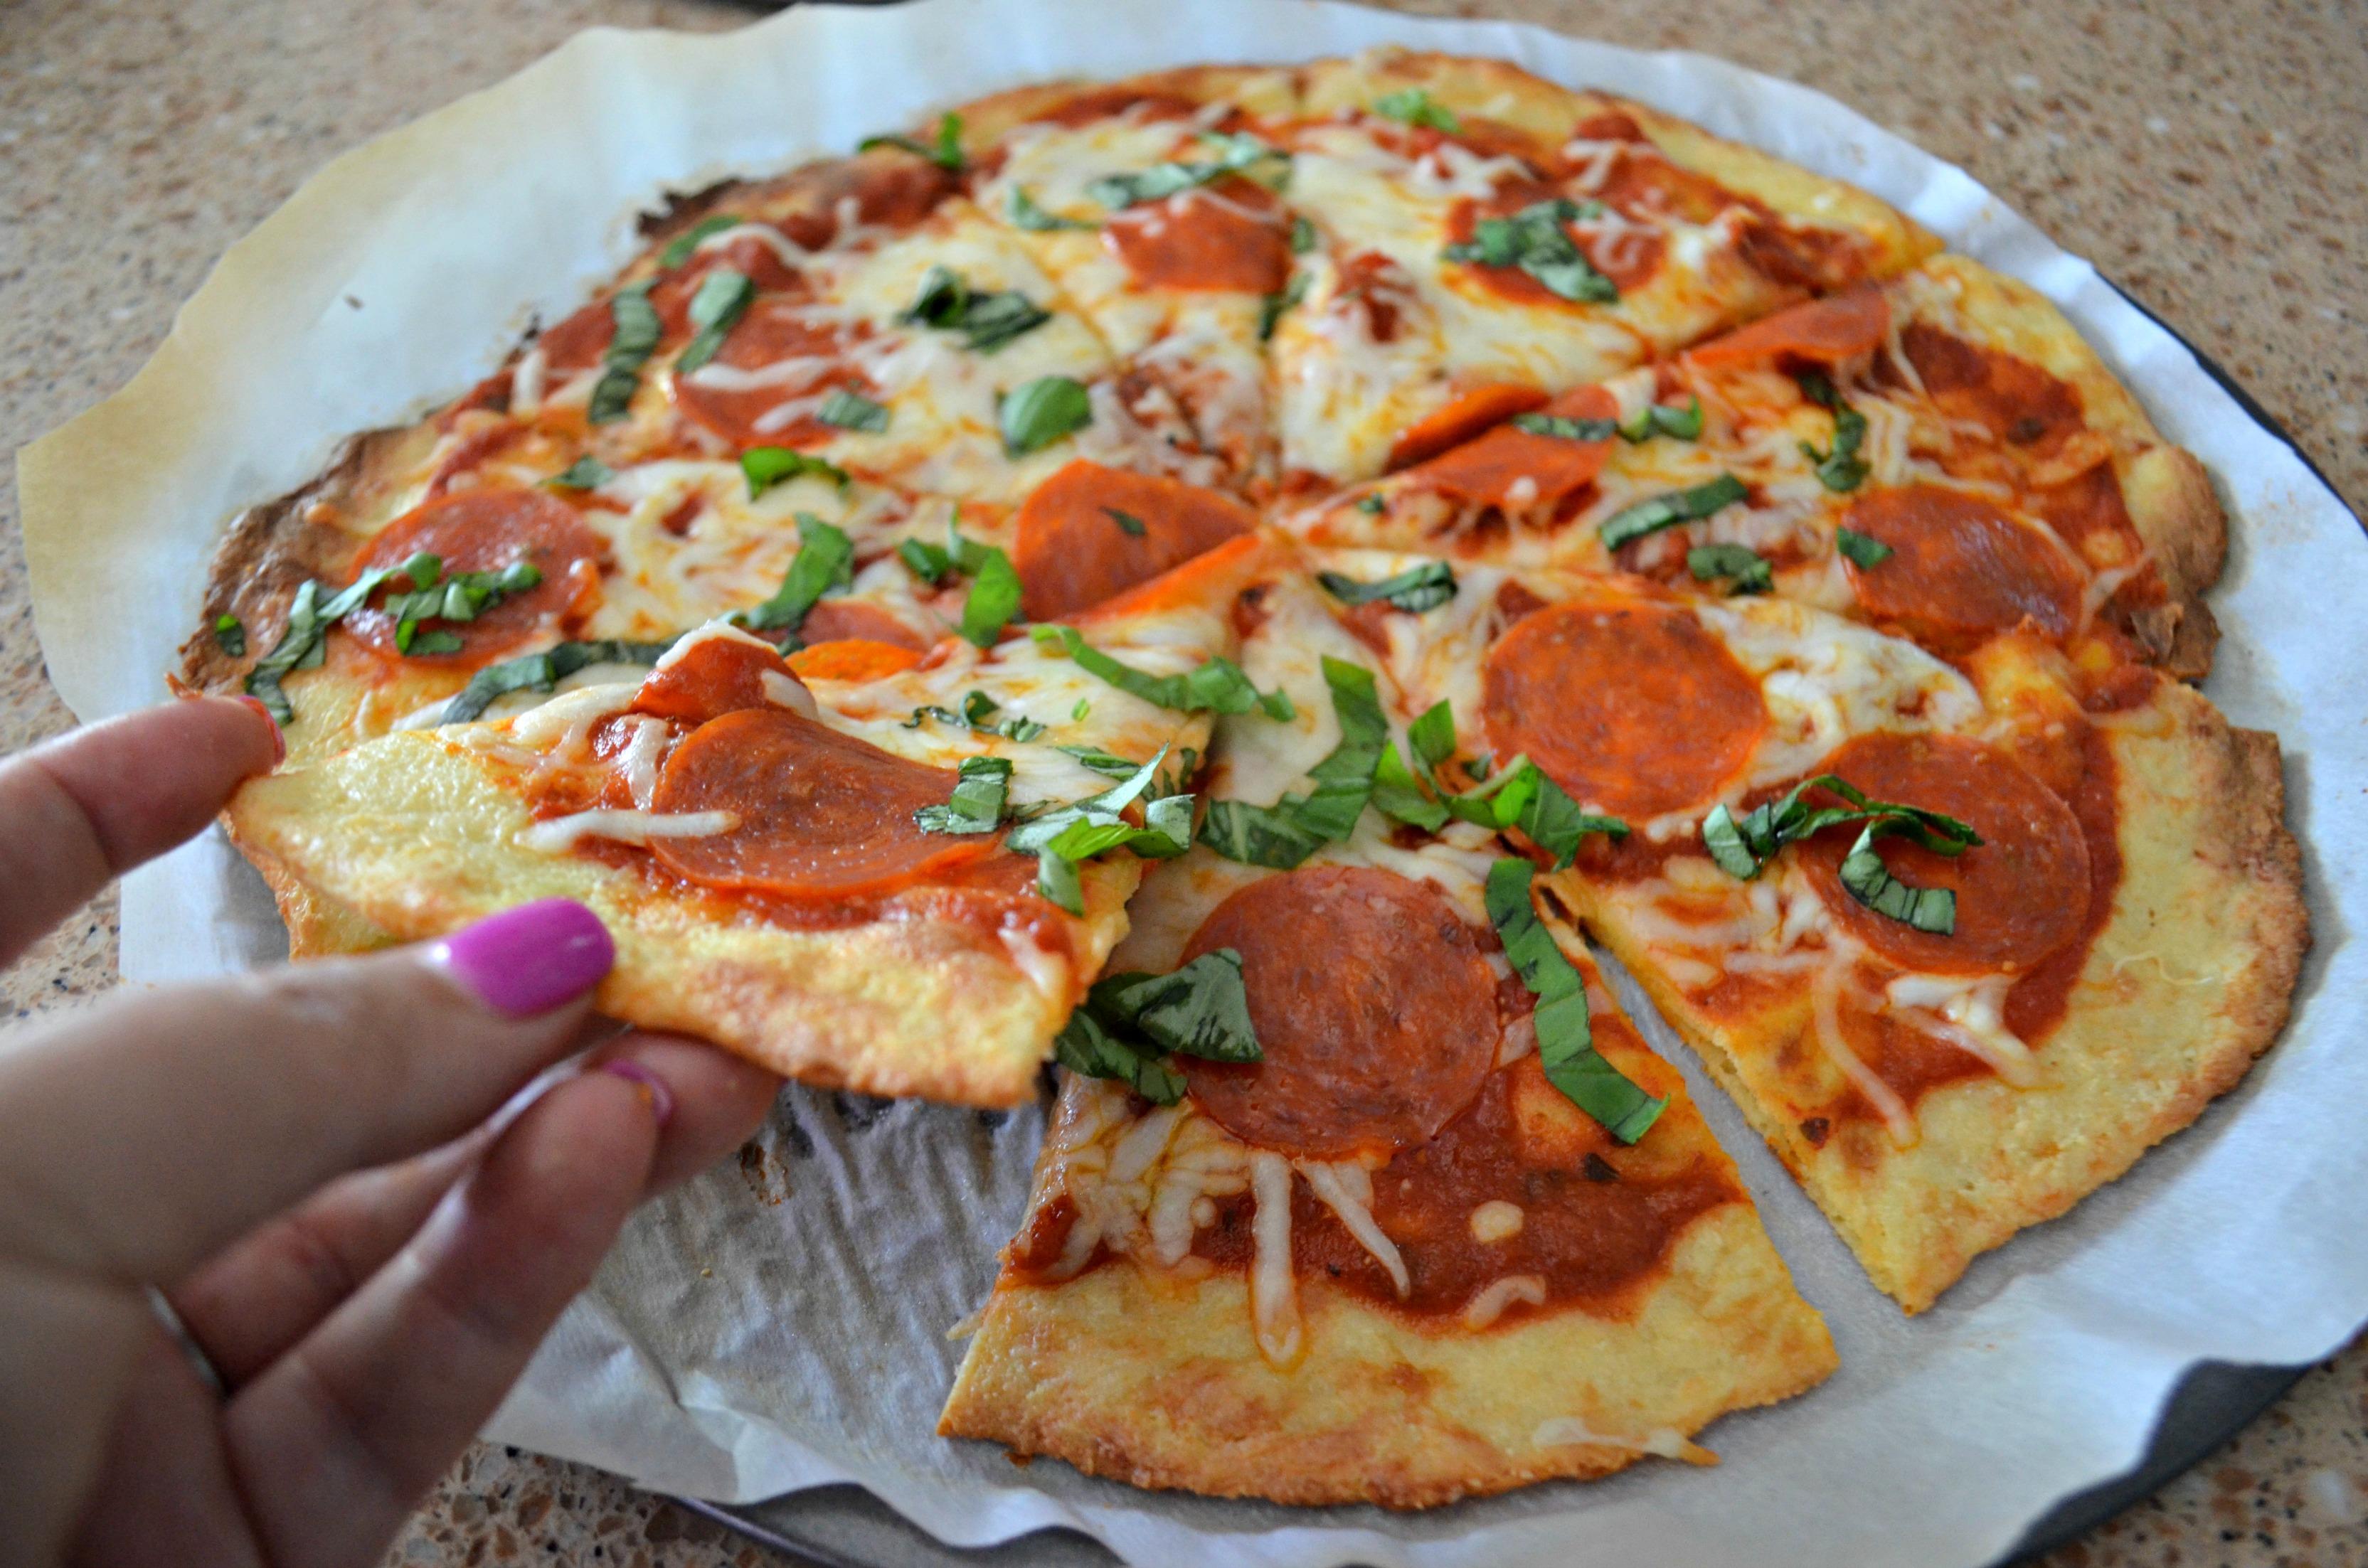 We compare the best keto pizza crust recipe | Here: Fathead